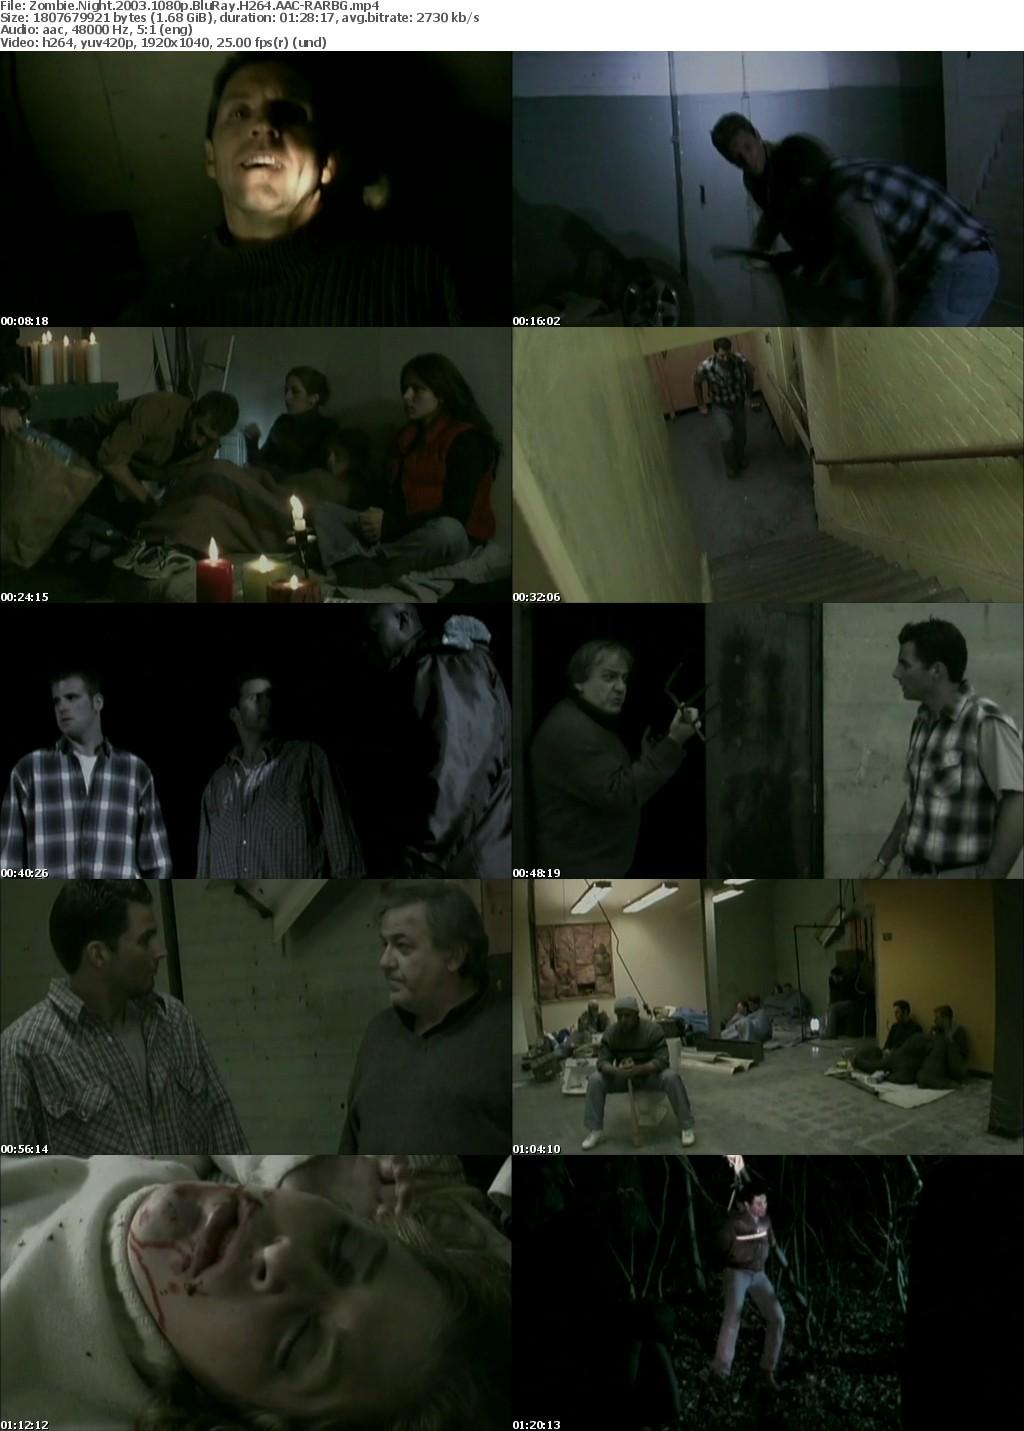 Zombie Night (2003) 1080p BluRay H264 AAC-RARBG